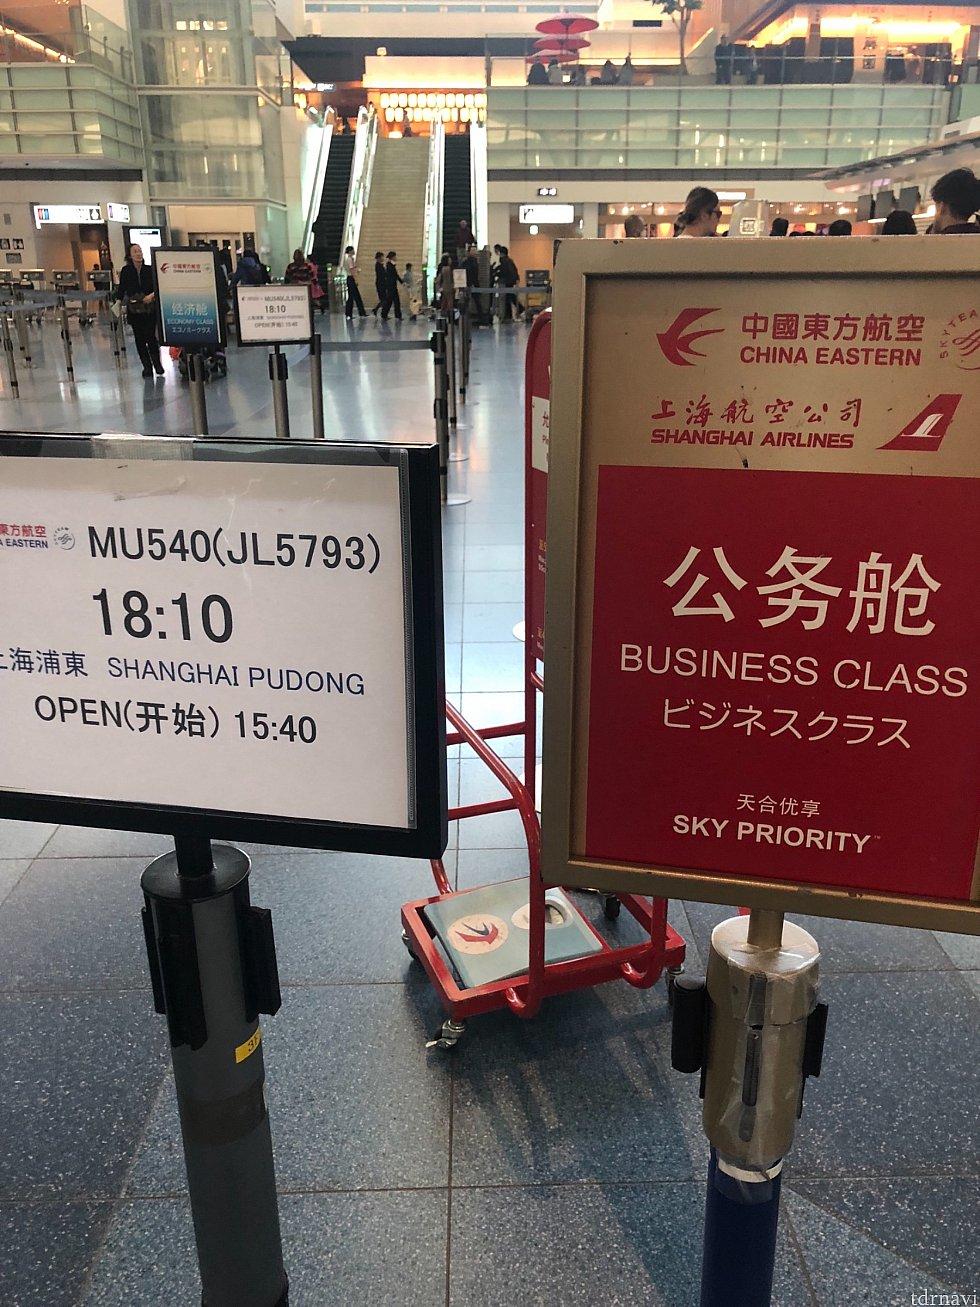 羽田で搭乗時間3時間前から カウンターがオープンしました